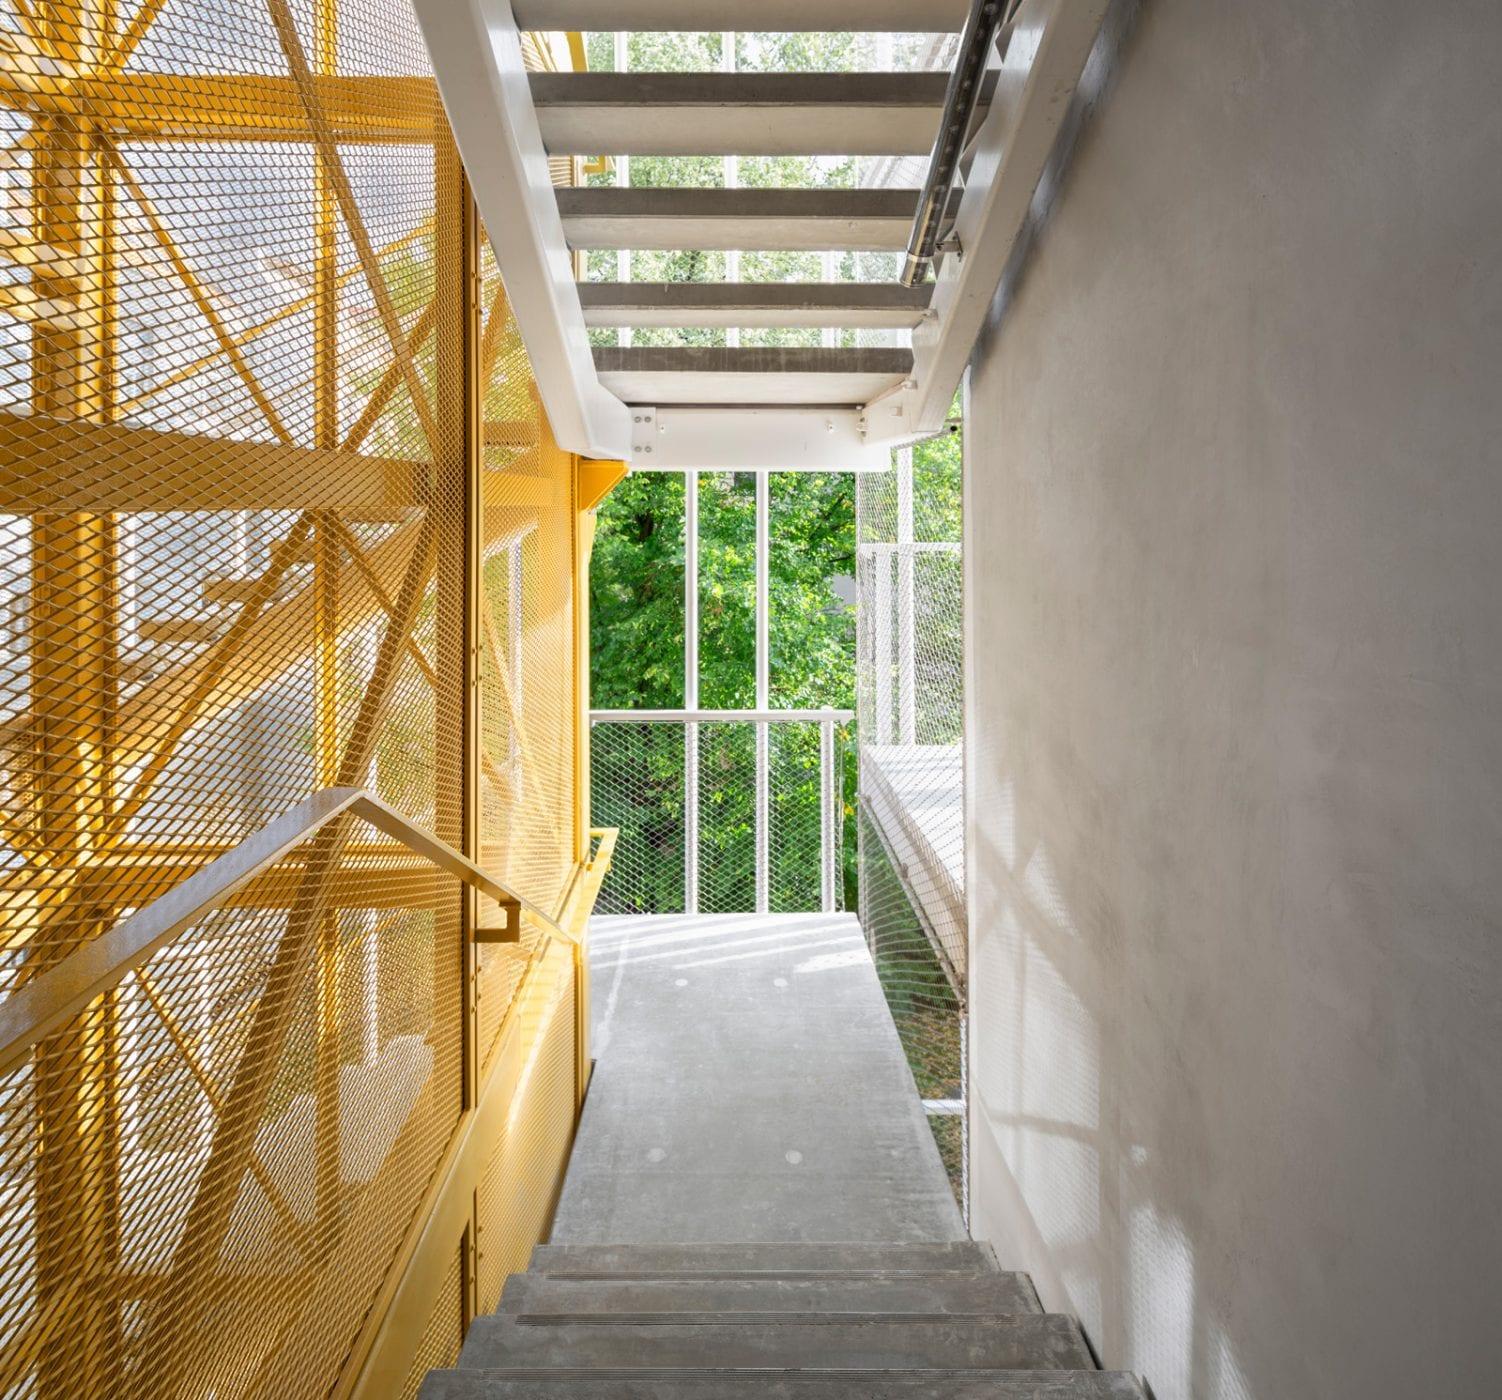 Der Fahrstuhl ist mit einer Streckmetallverkleidung versehen und leuchtend goldgelb lackiert. (Foto: Gui Rebelo)